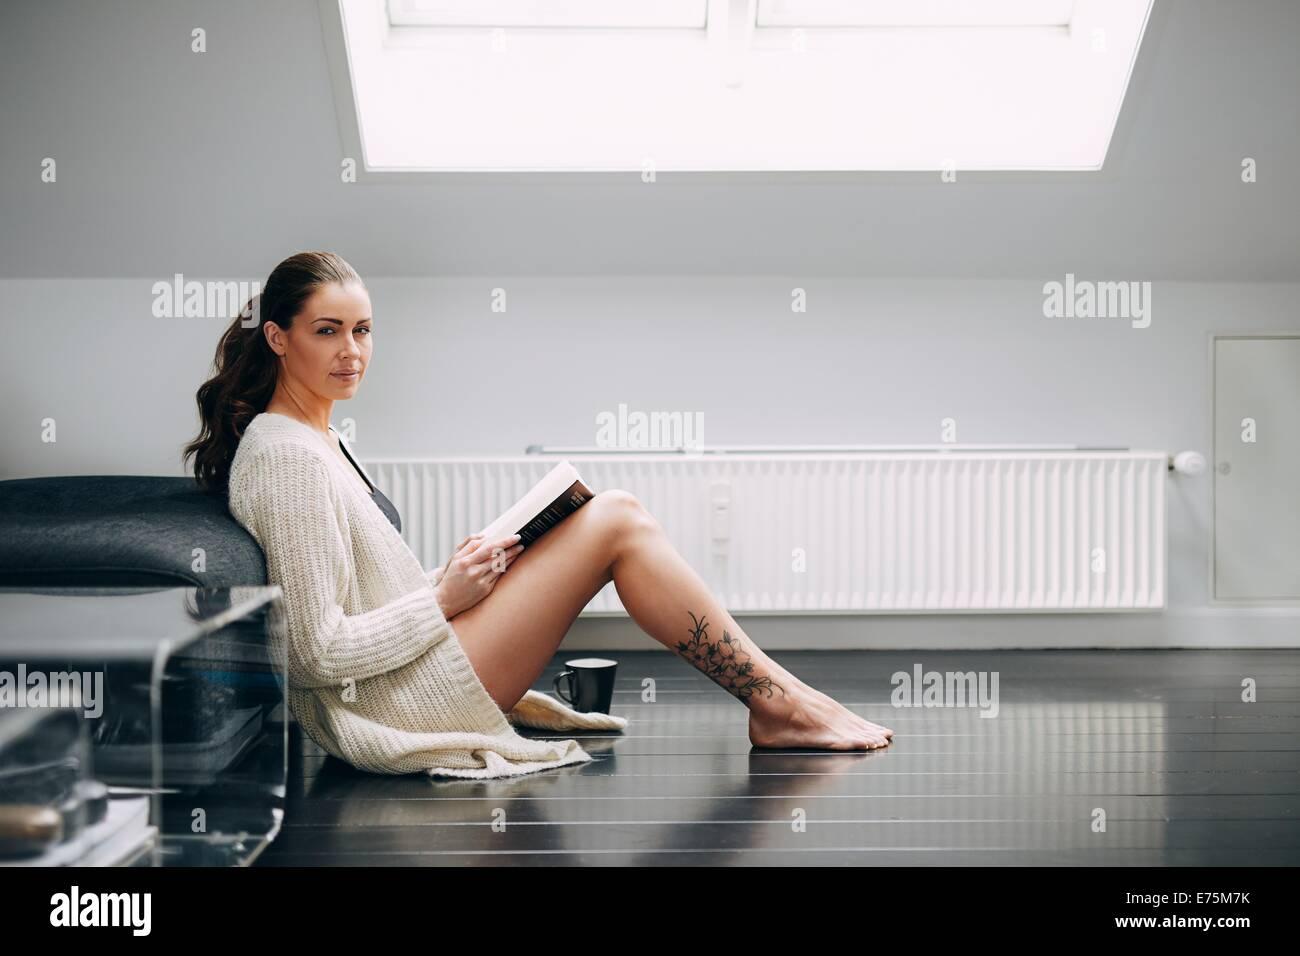 Schöne Brünette Frau ein Sofa ein Buch zu lesen. Attraktives weibliches Modell sitzen auf Boden mit einem Stockbild